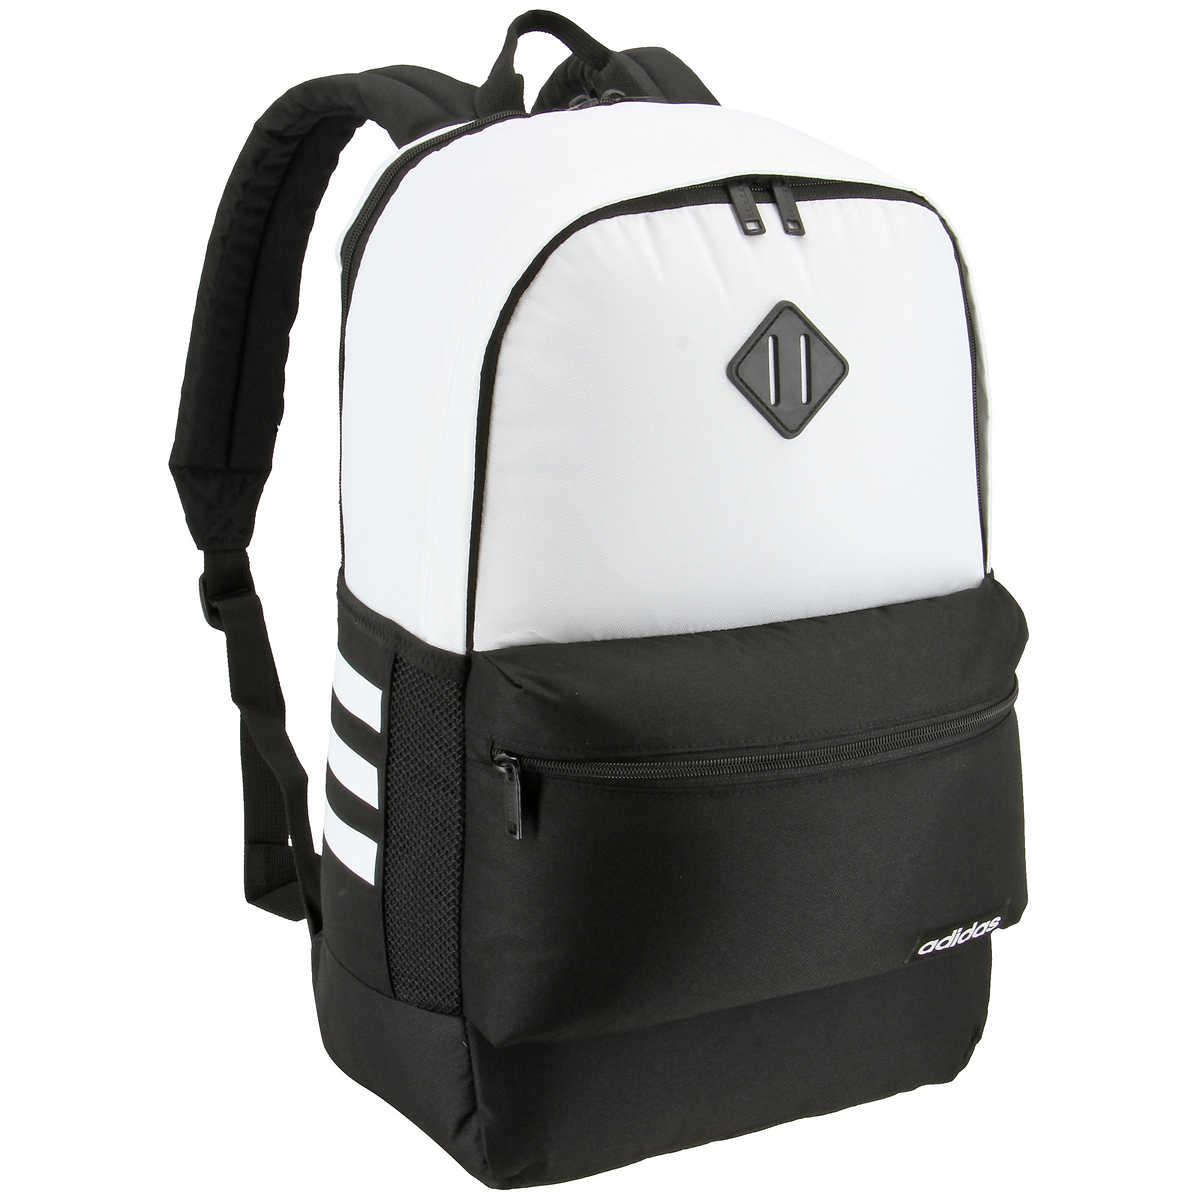 96e8a61782 Adidas Core Backpack